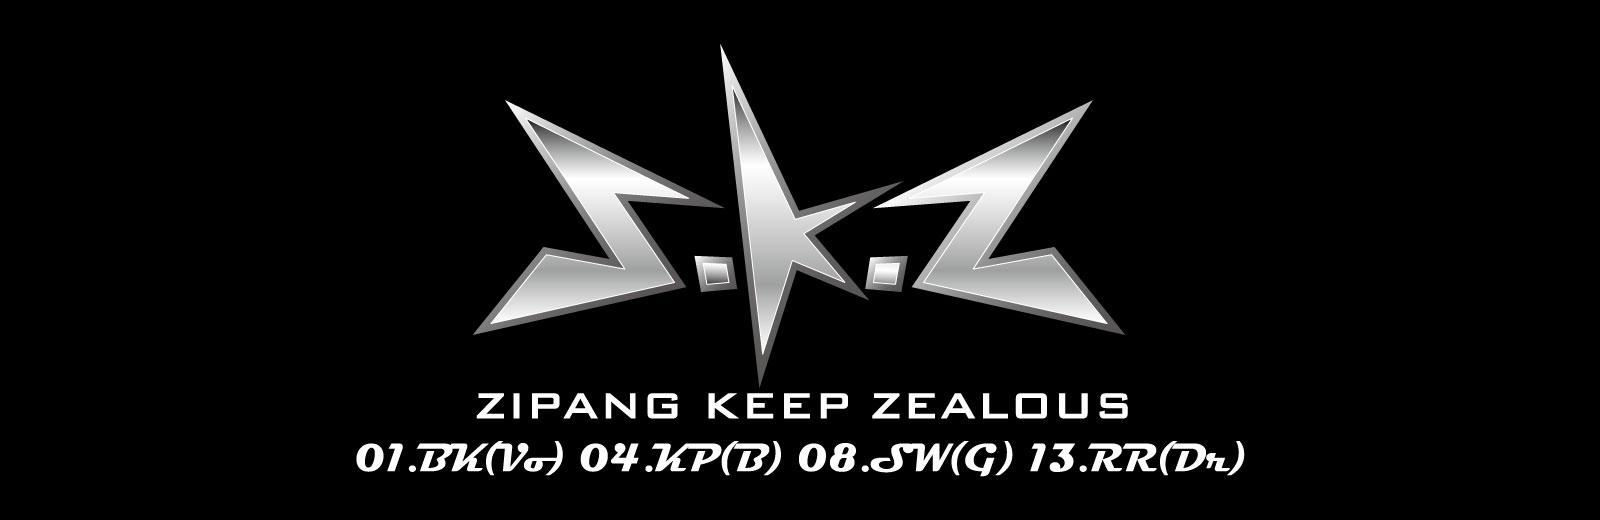 Z.K.Z